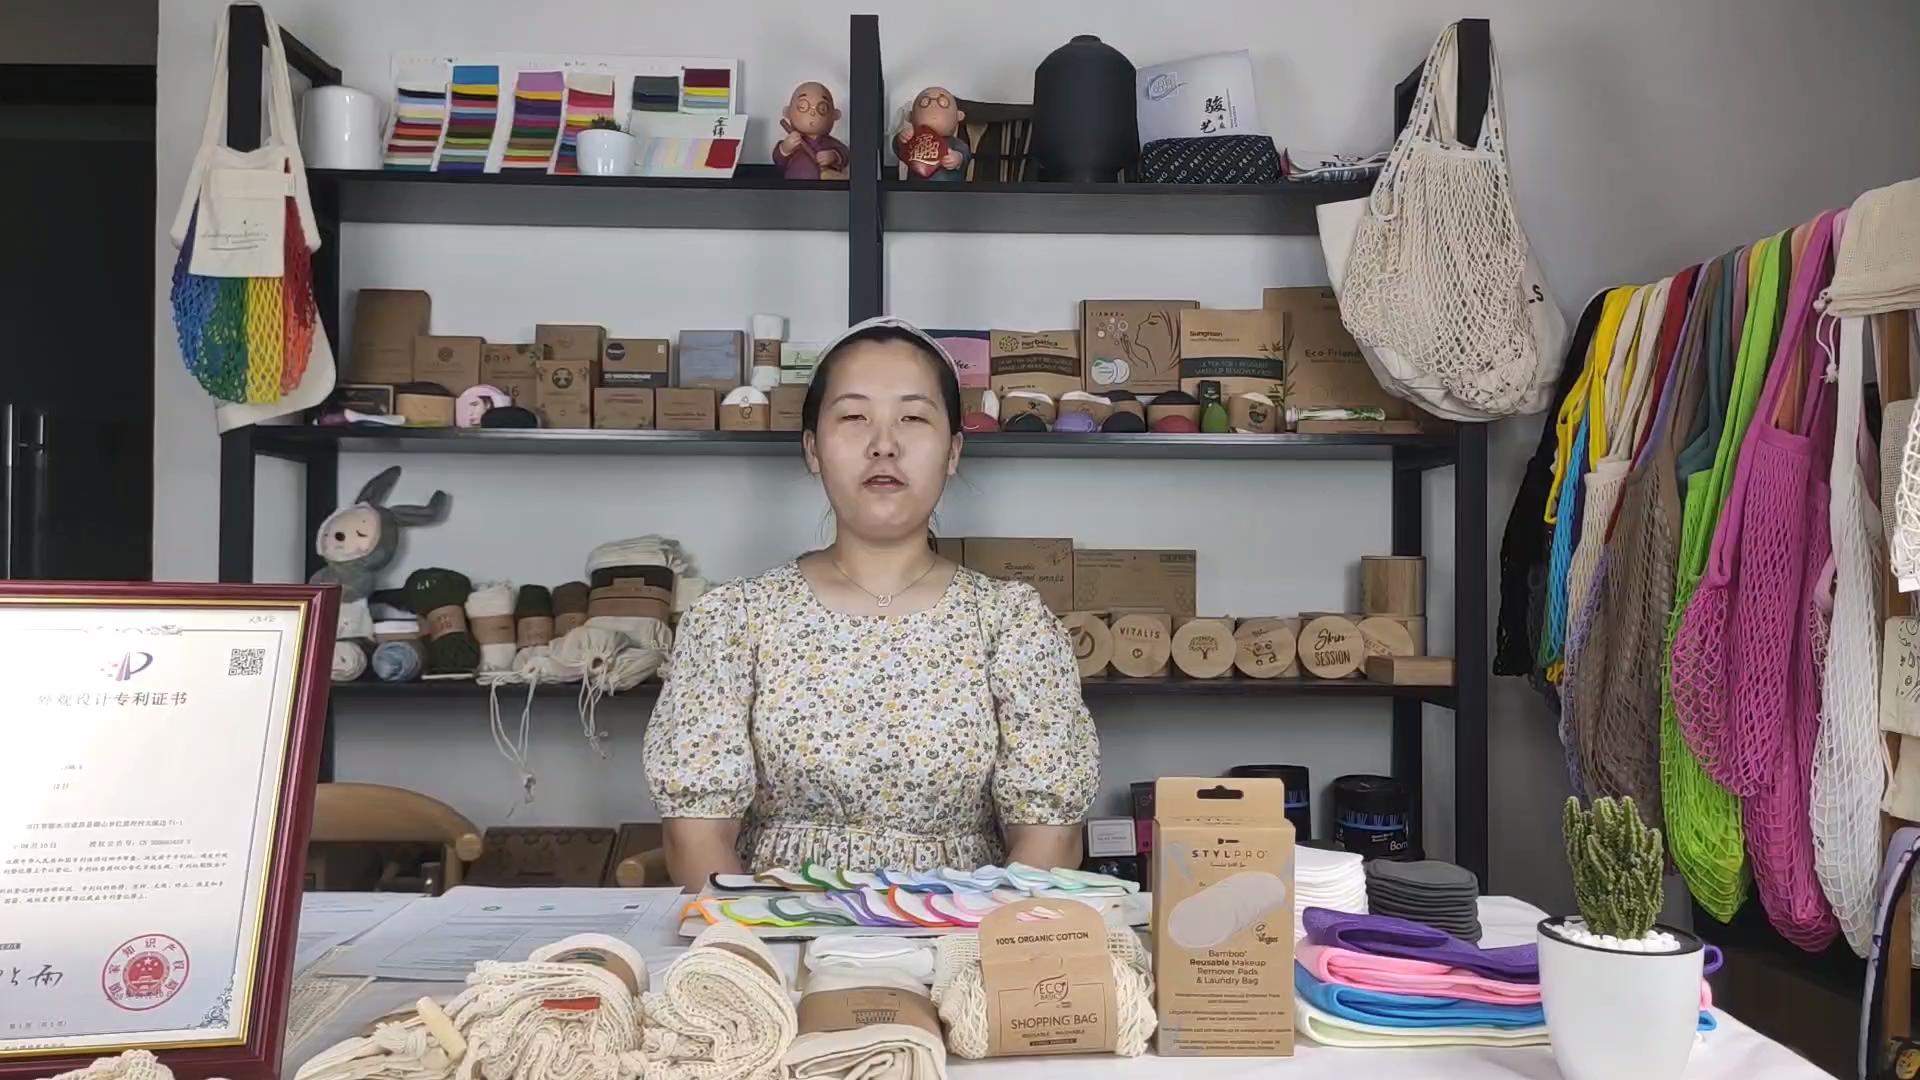 حقيبة يد نسائية سادة من sopurrdy مصنوعة من قماش الكتان بتصميم مخصص وصديق للبيئة